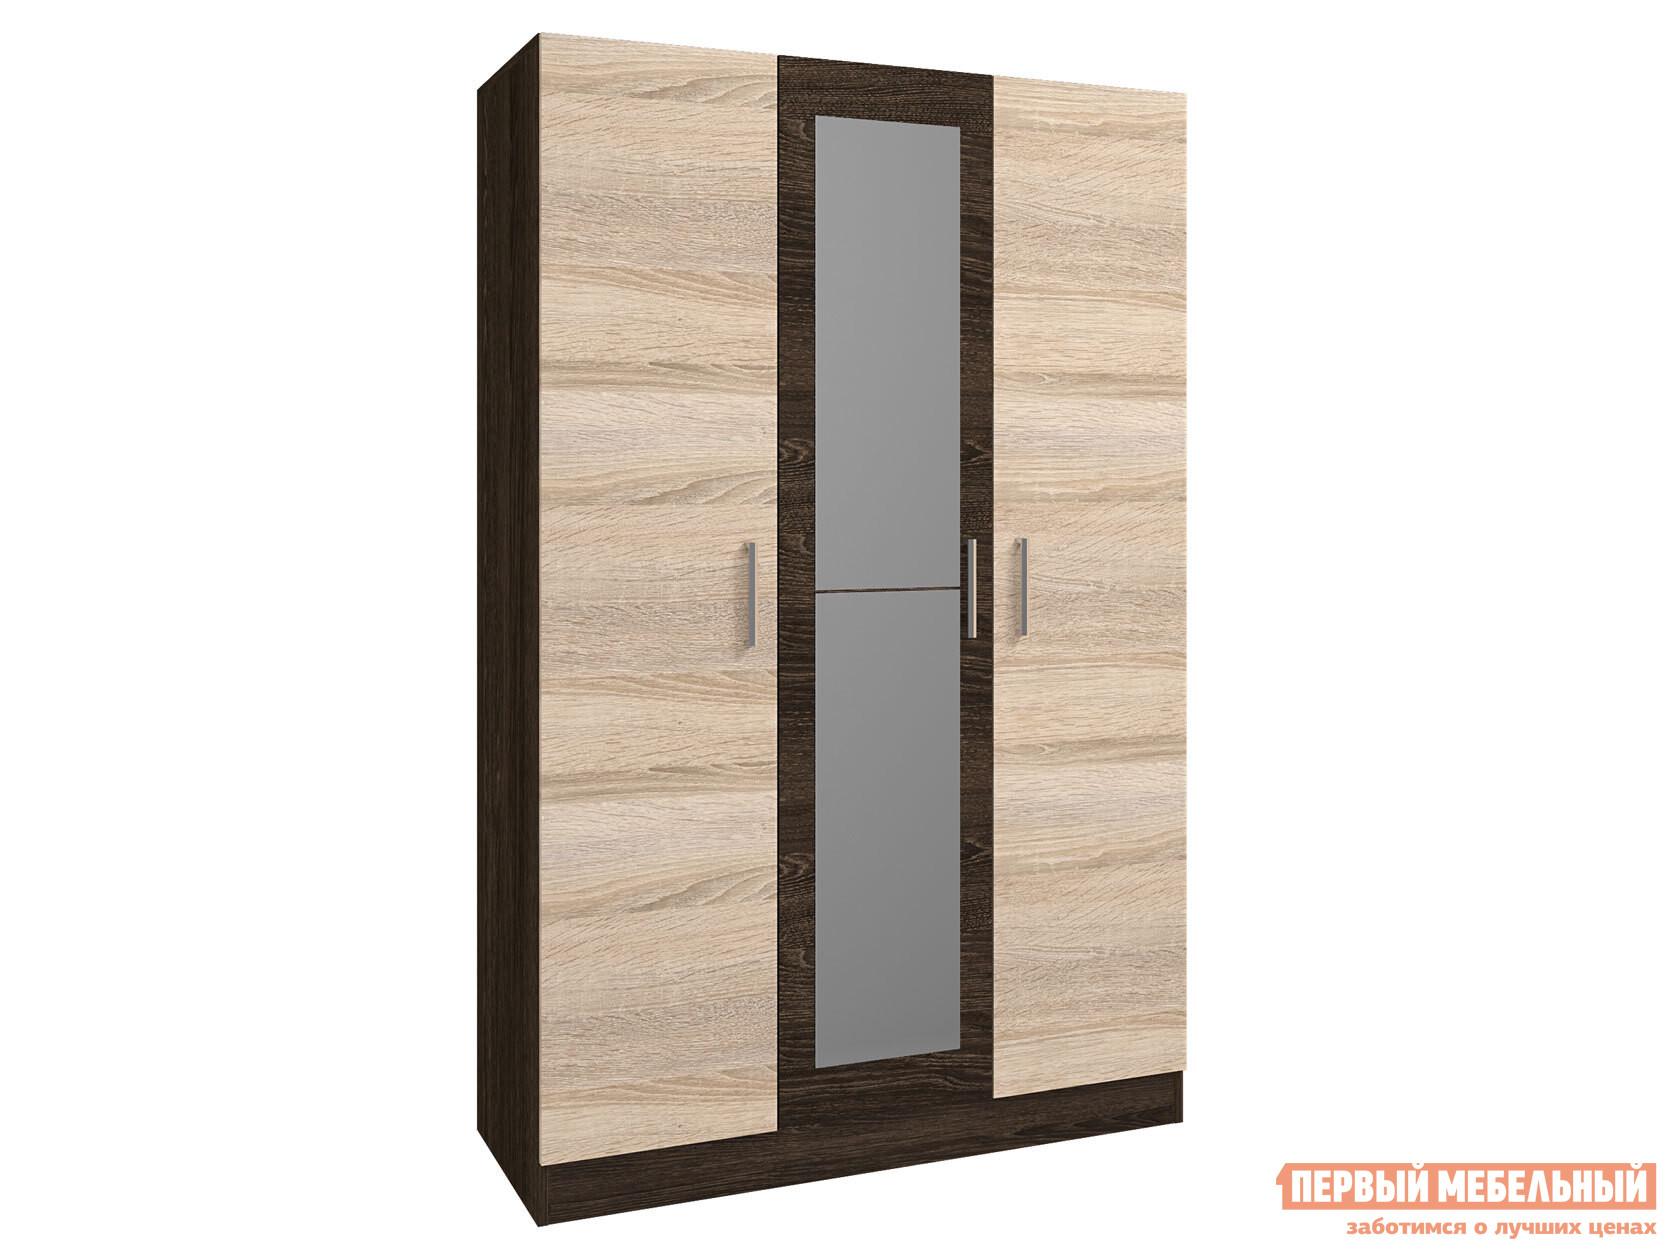 Фото - Распашной шкаф Первый Мебельный Шкаф 3-х дверный Леси распашной шкаф первый мебельный шкаф 3 х дверный глухой венето